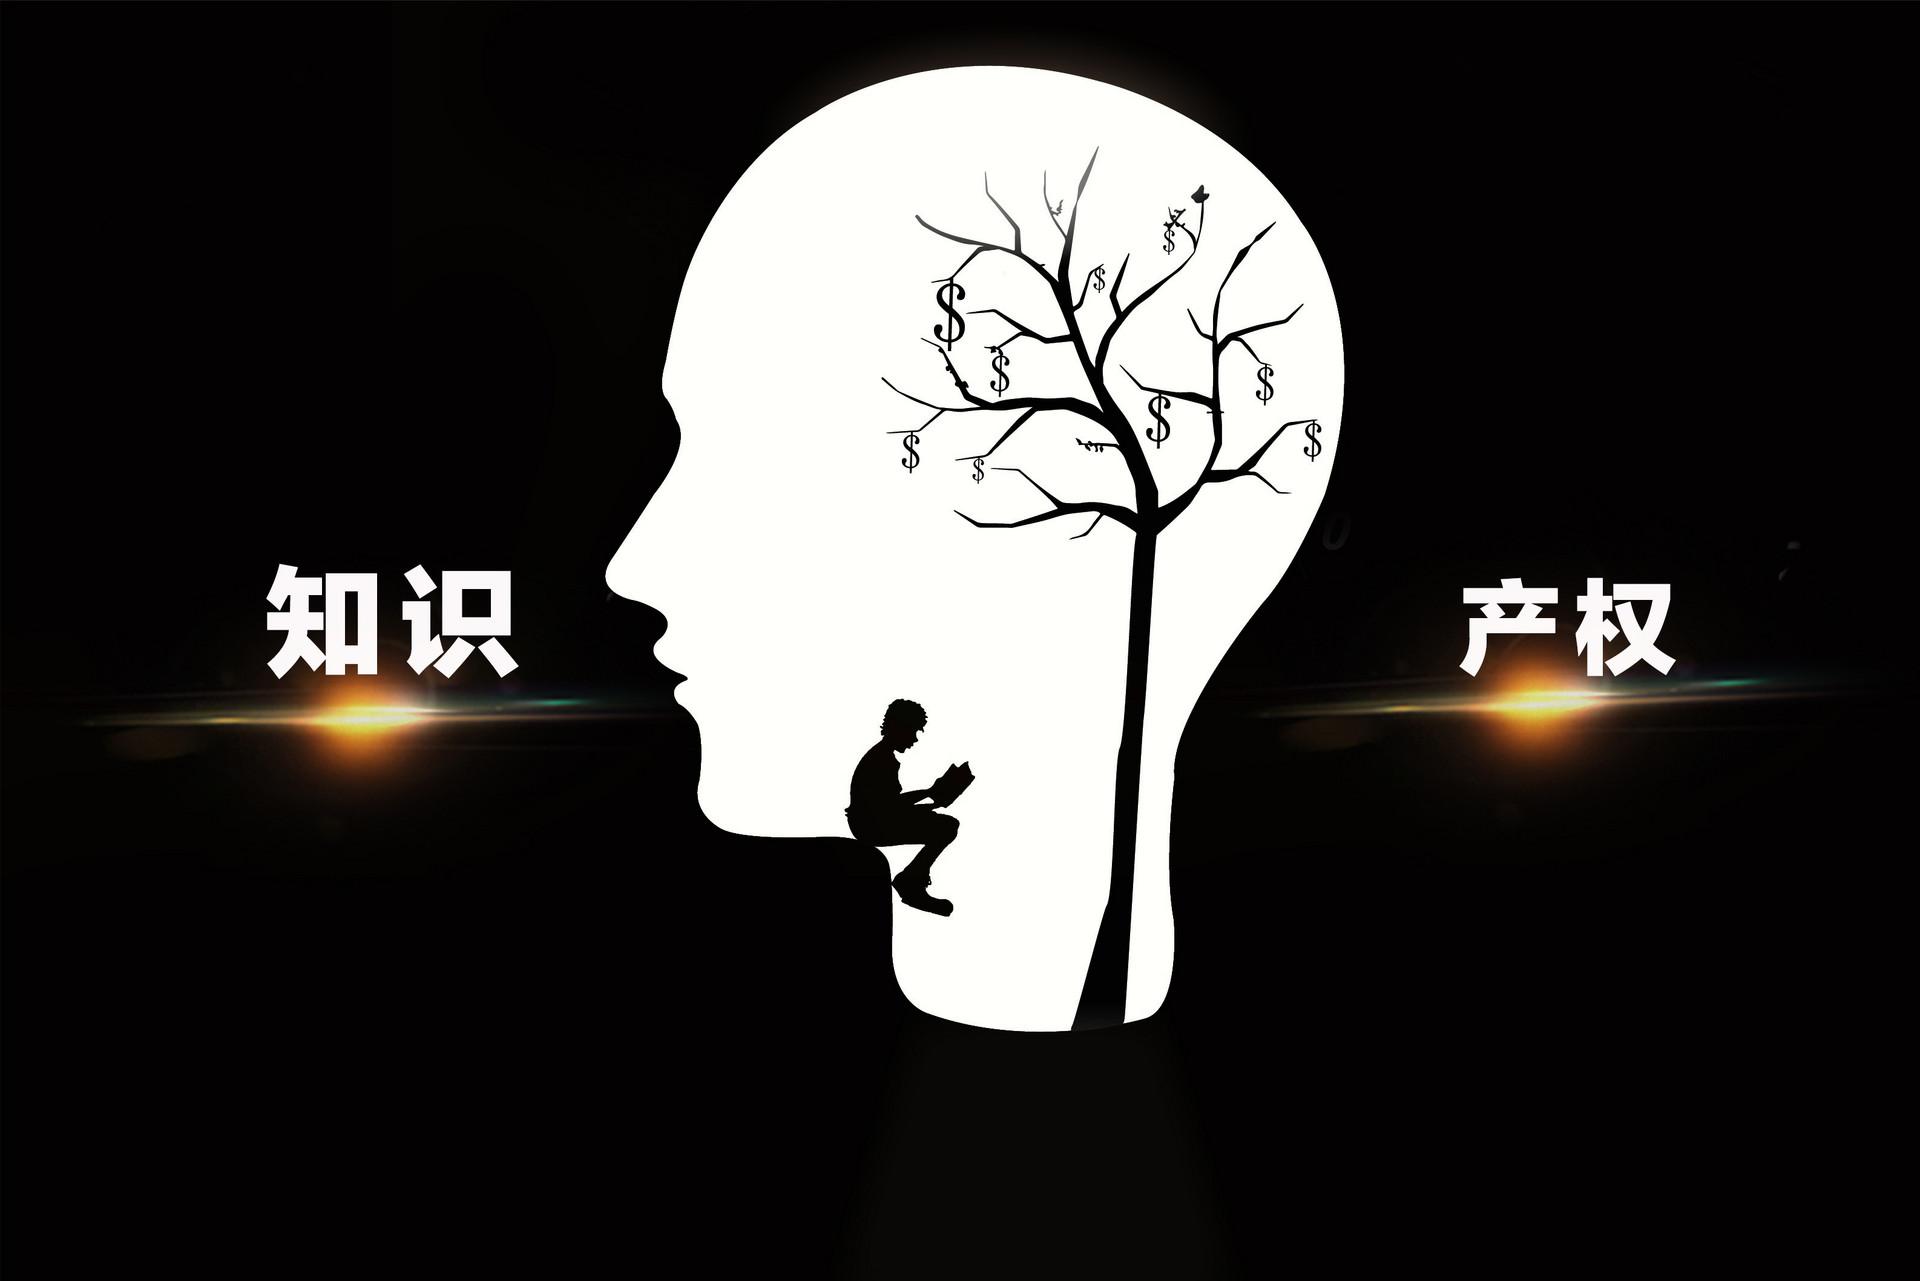 【科创】 亚搏体育网站成功代理深圳市**自动化有限公司通过企业知识产权管理体系年审工作